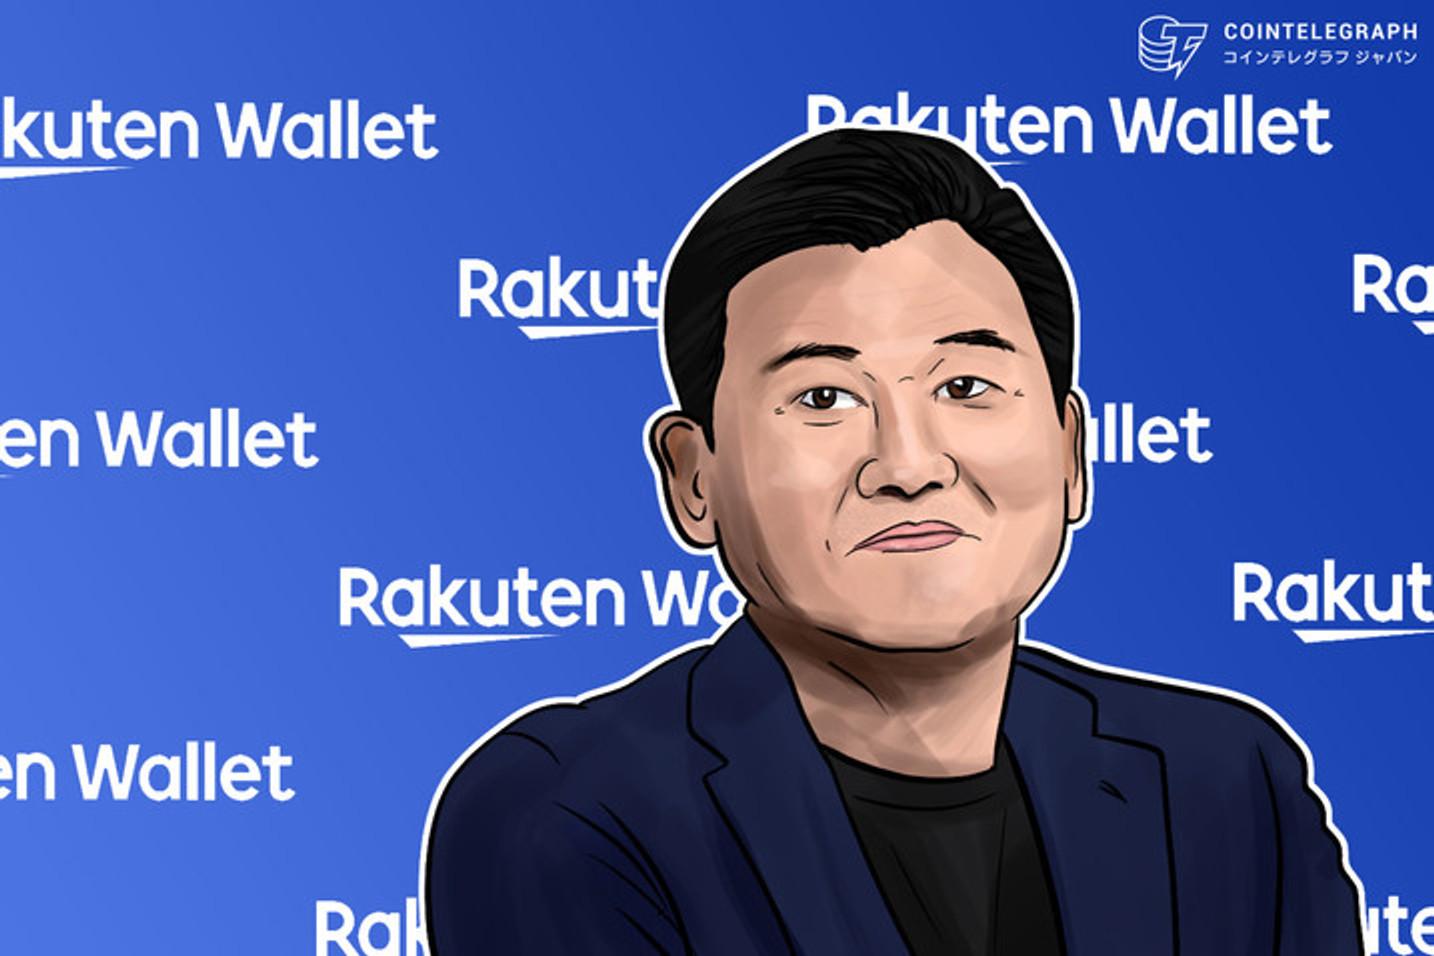 仮想通貨取引所楽天ウォレット、25億円の増資を発表